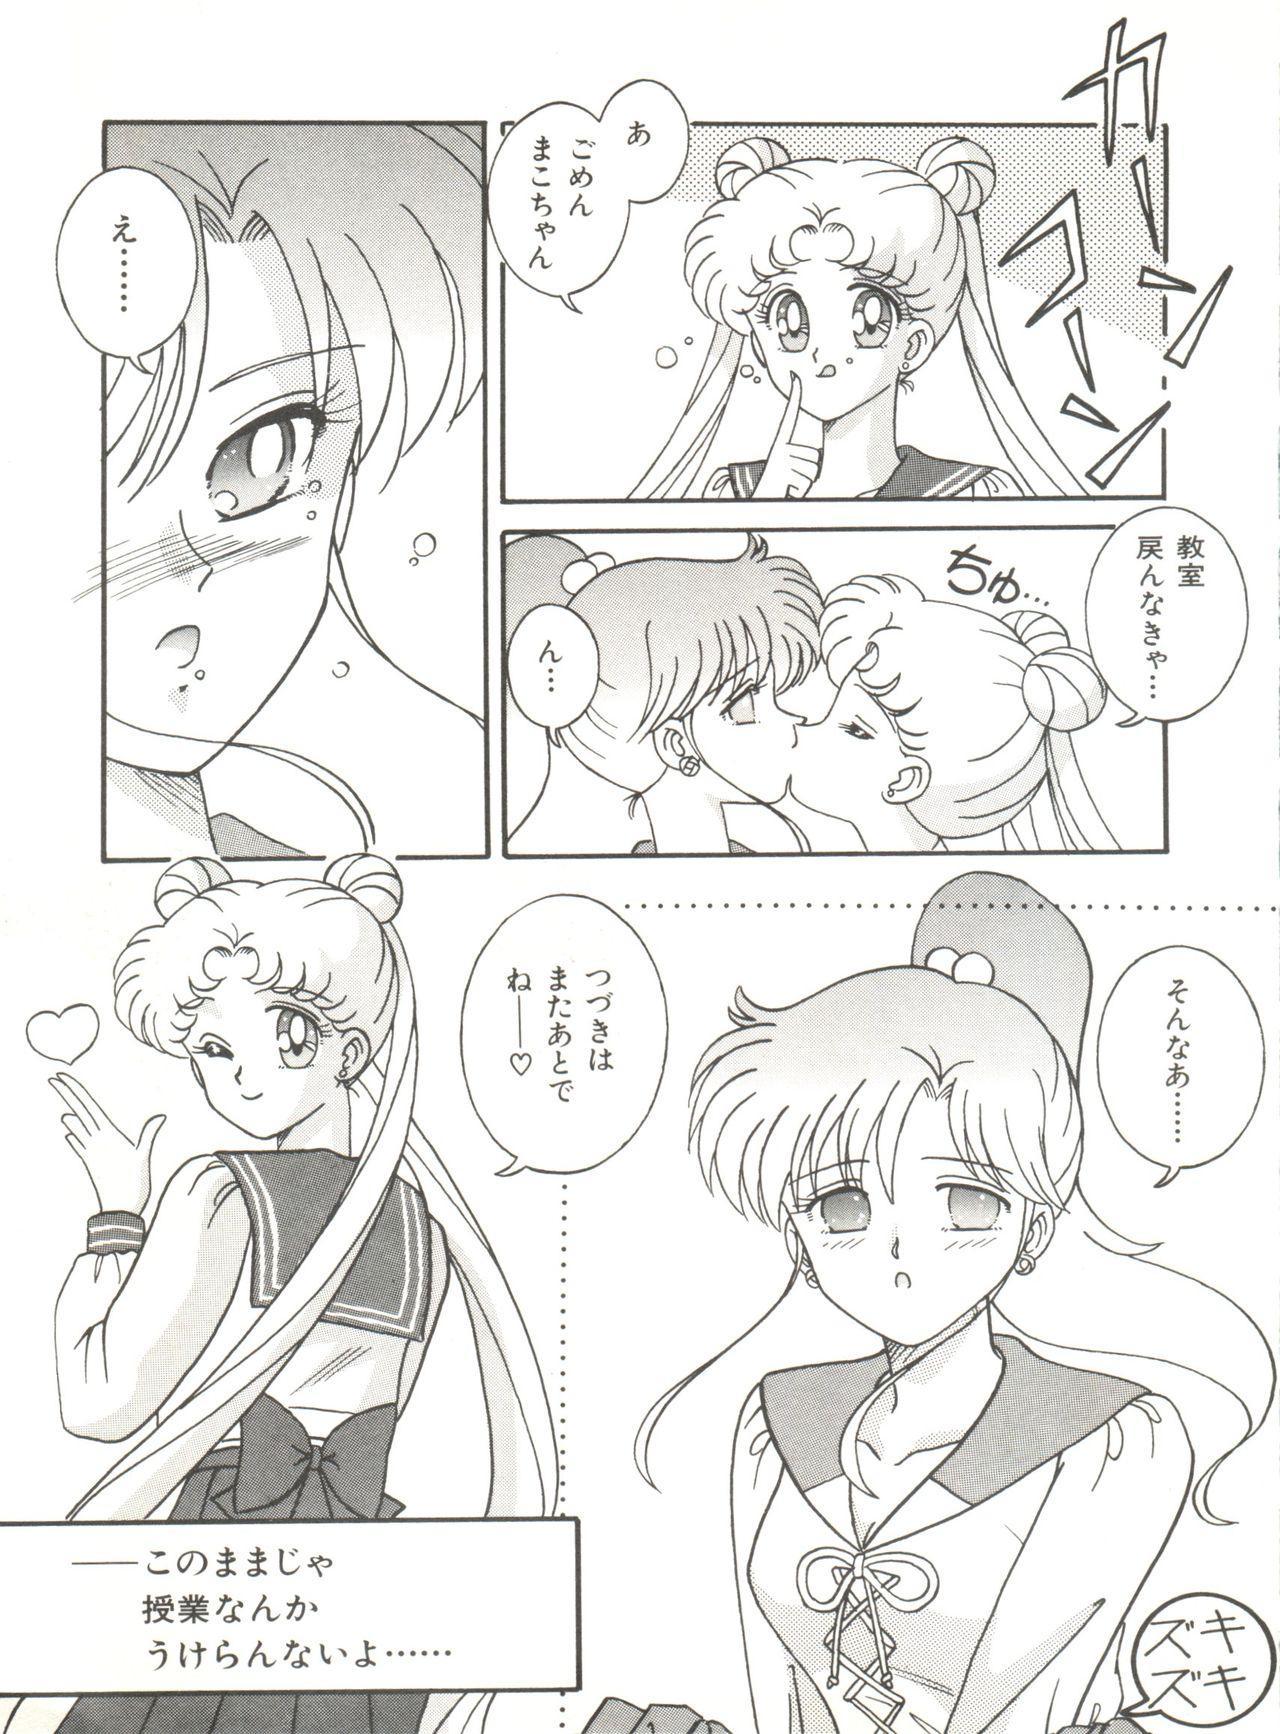 Bishoujo Doujinshi Anthology 12 - Moon Paradise 7 Tsuki no Rakuen 95